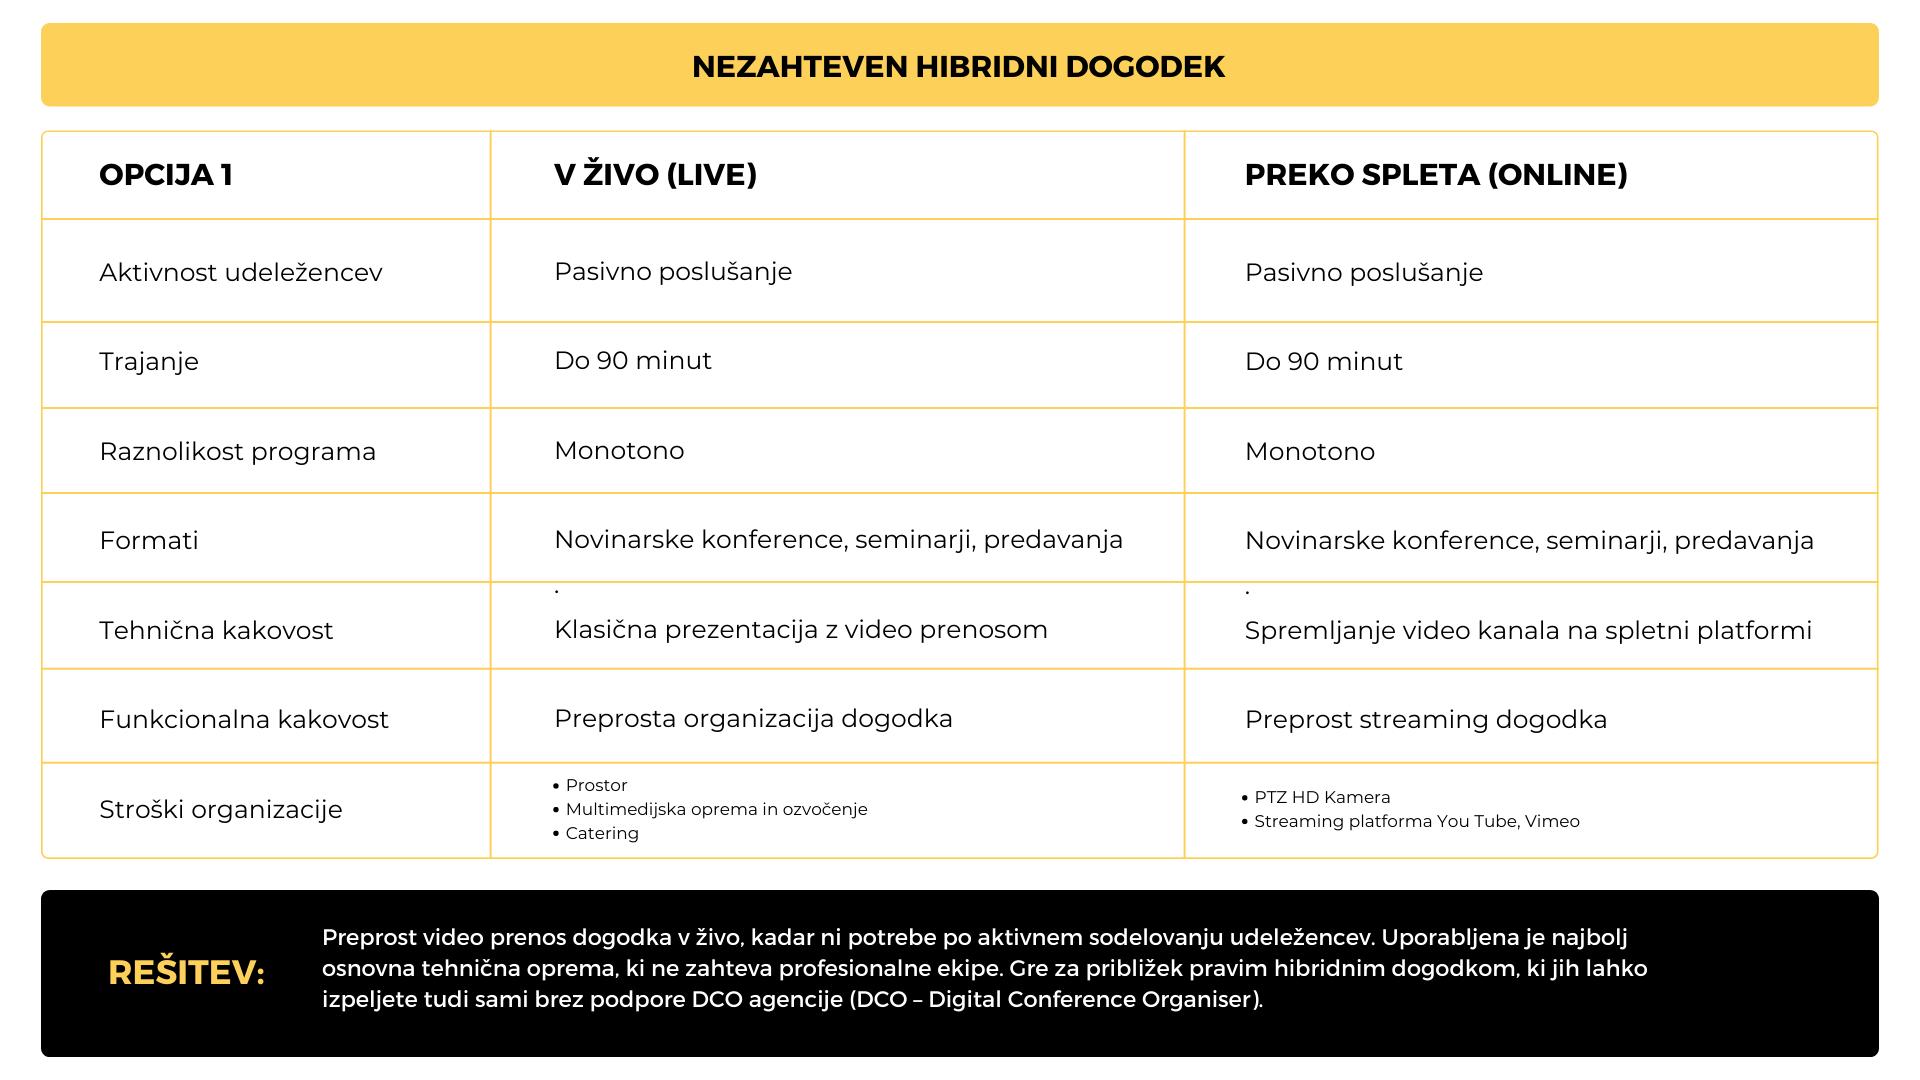 hibridni-dogodek-1